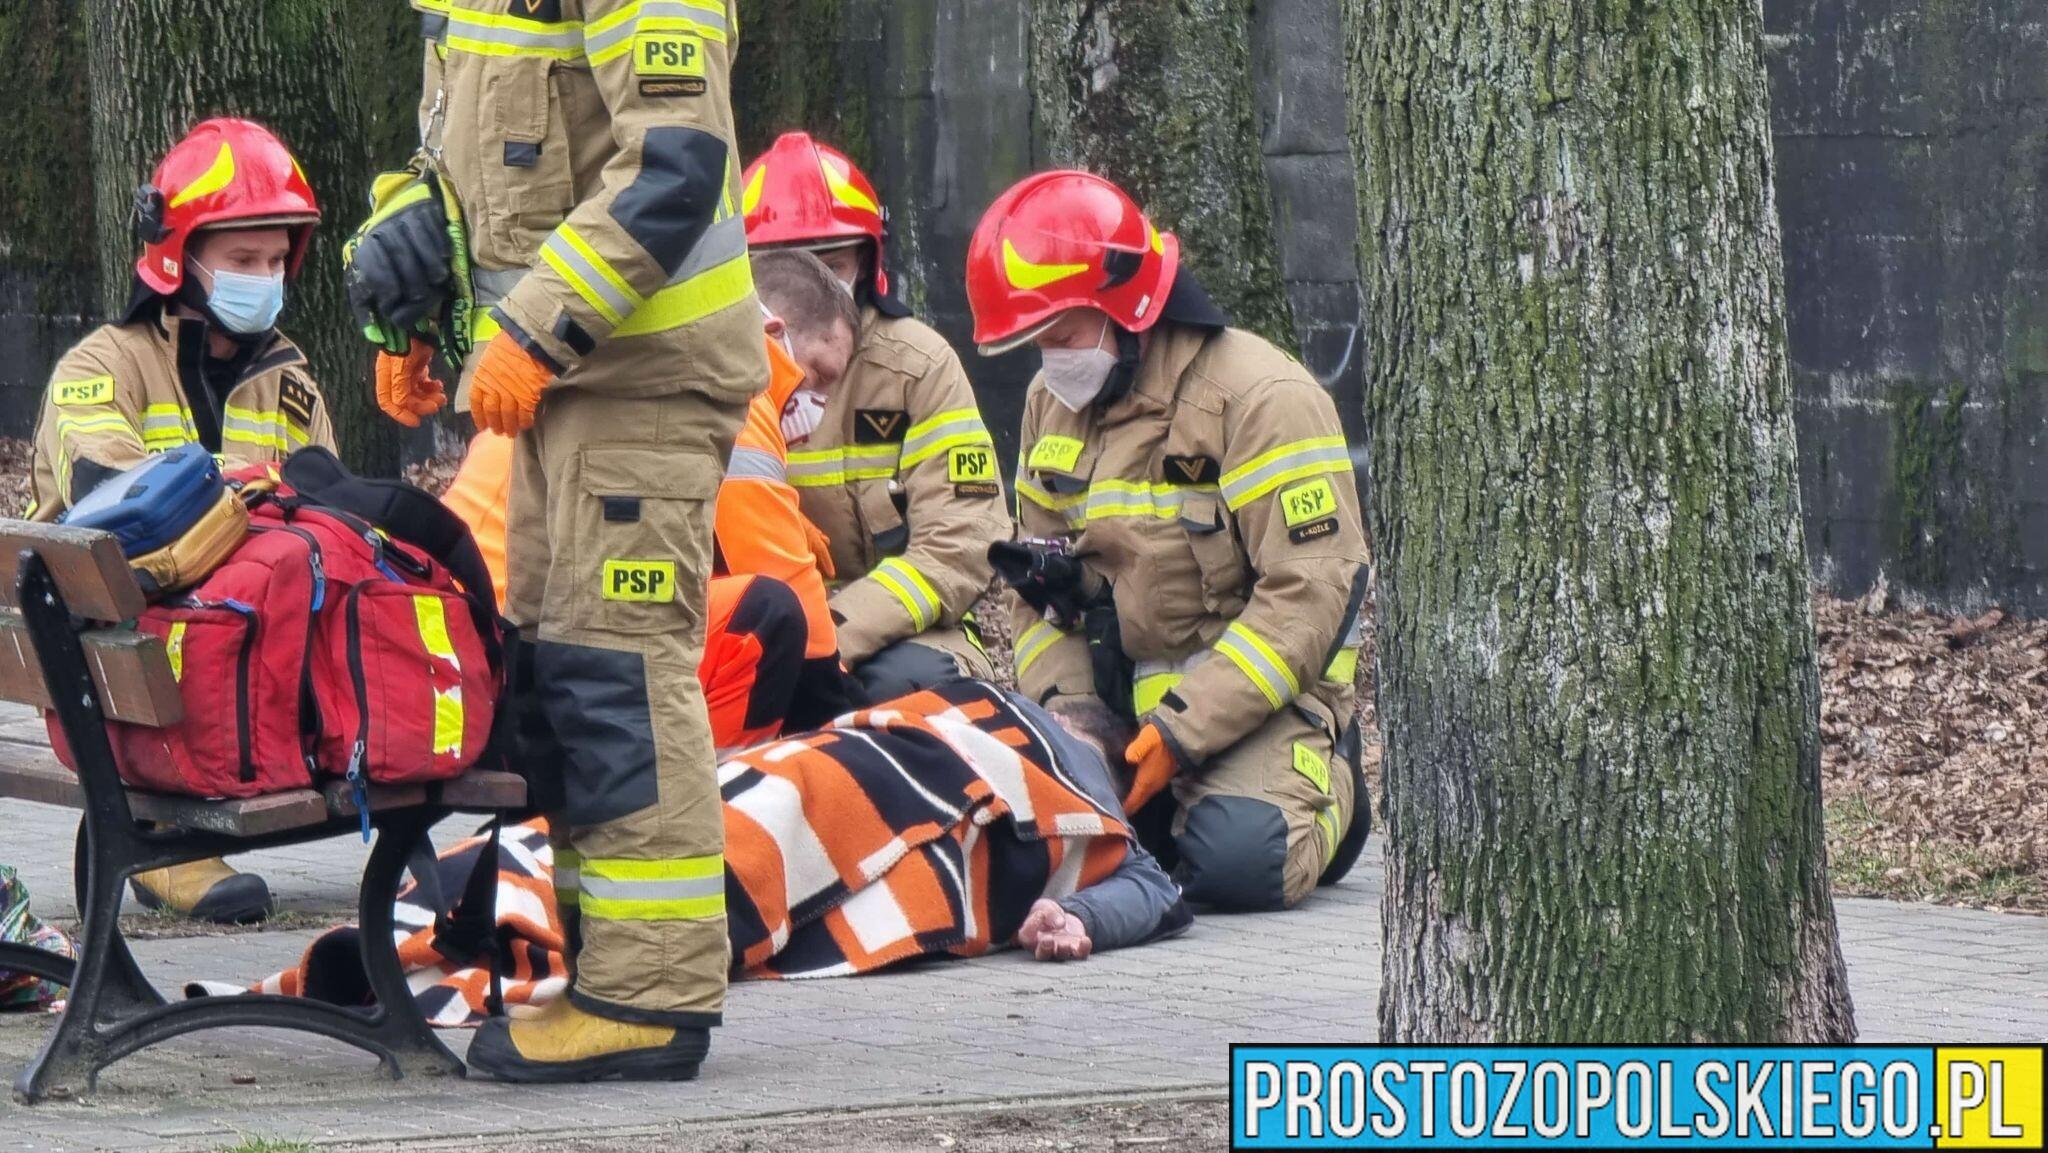 Nie było wolnej karetki. Interweniowali strażacy. Co się stało?